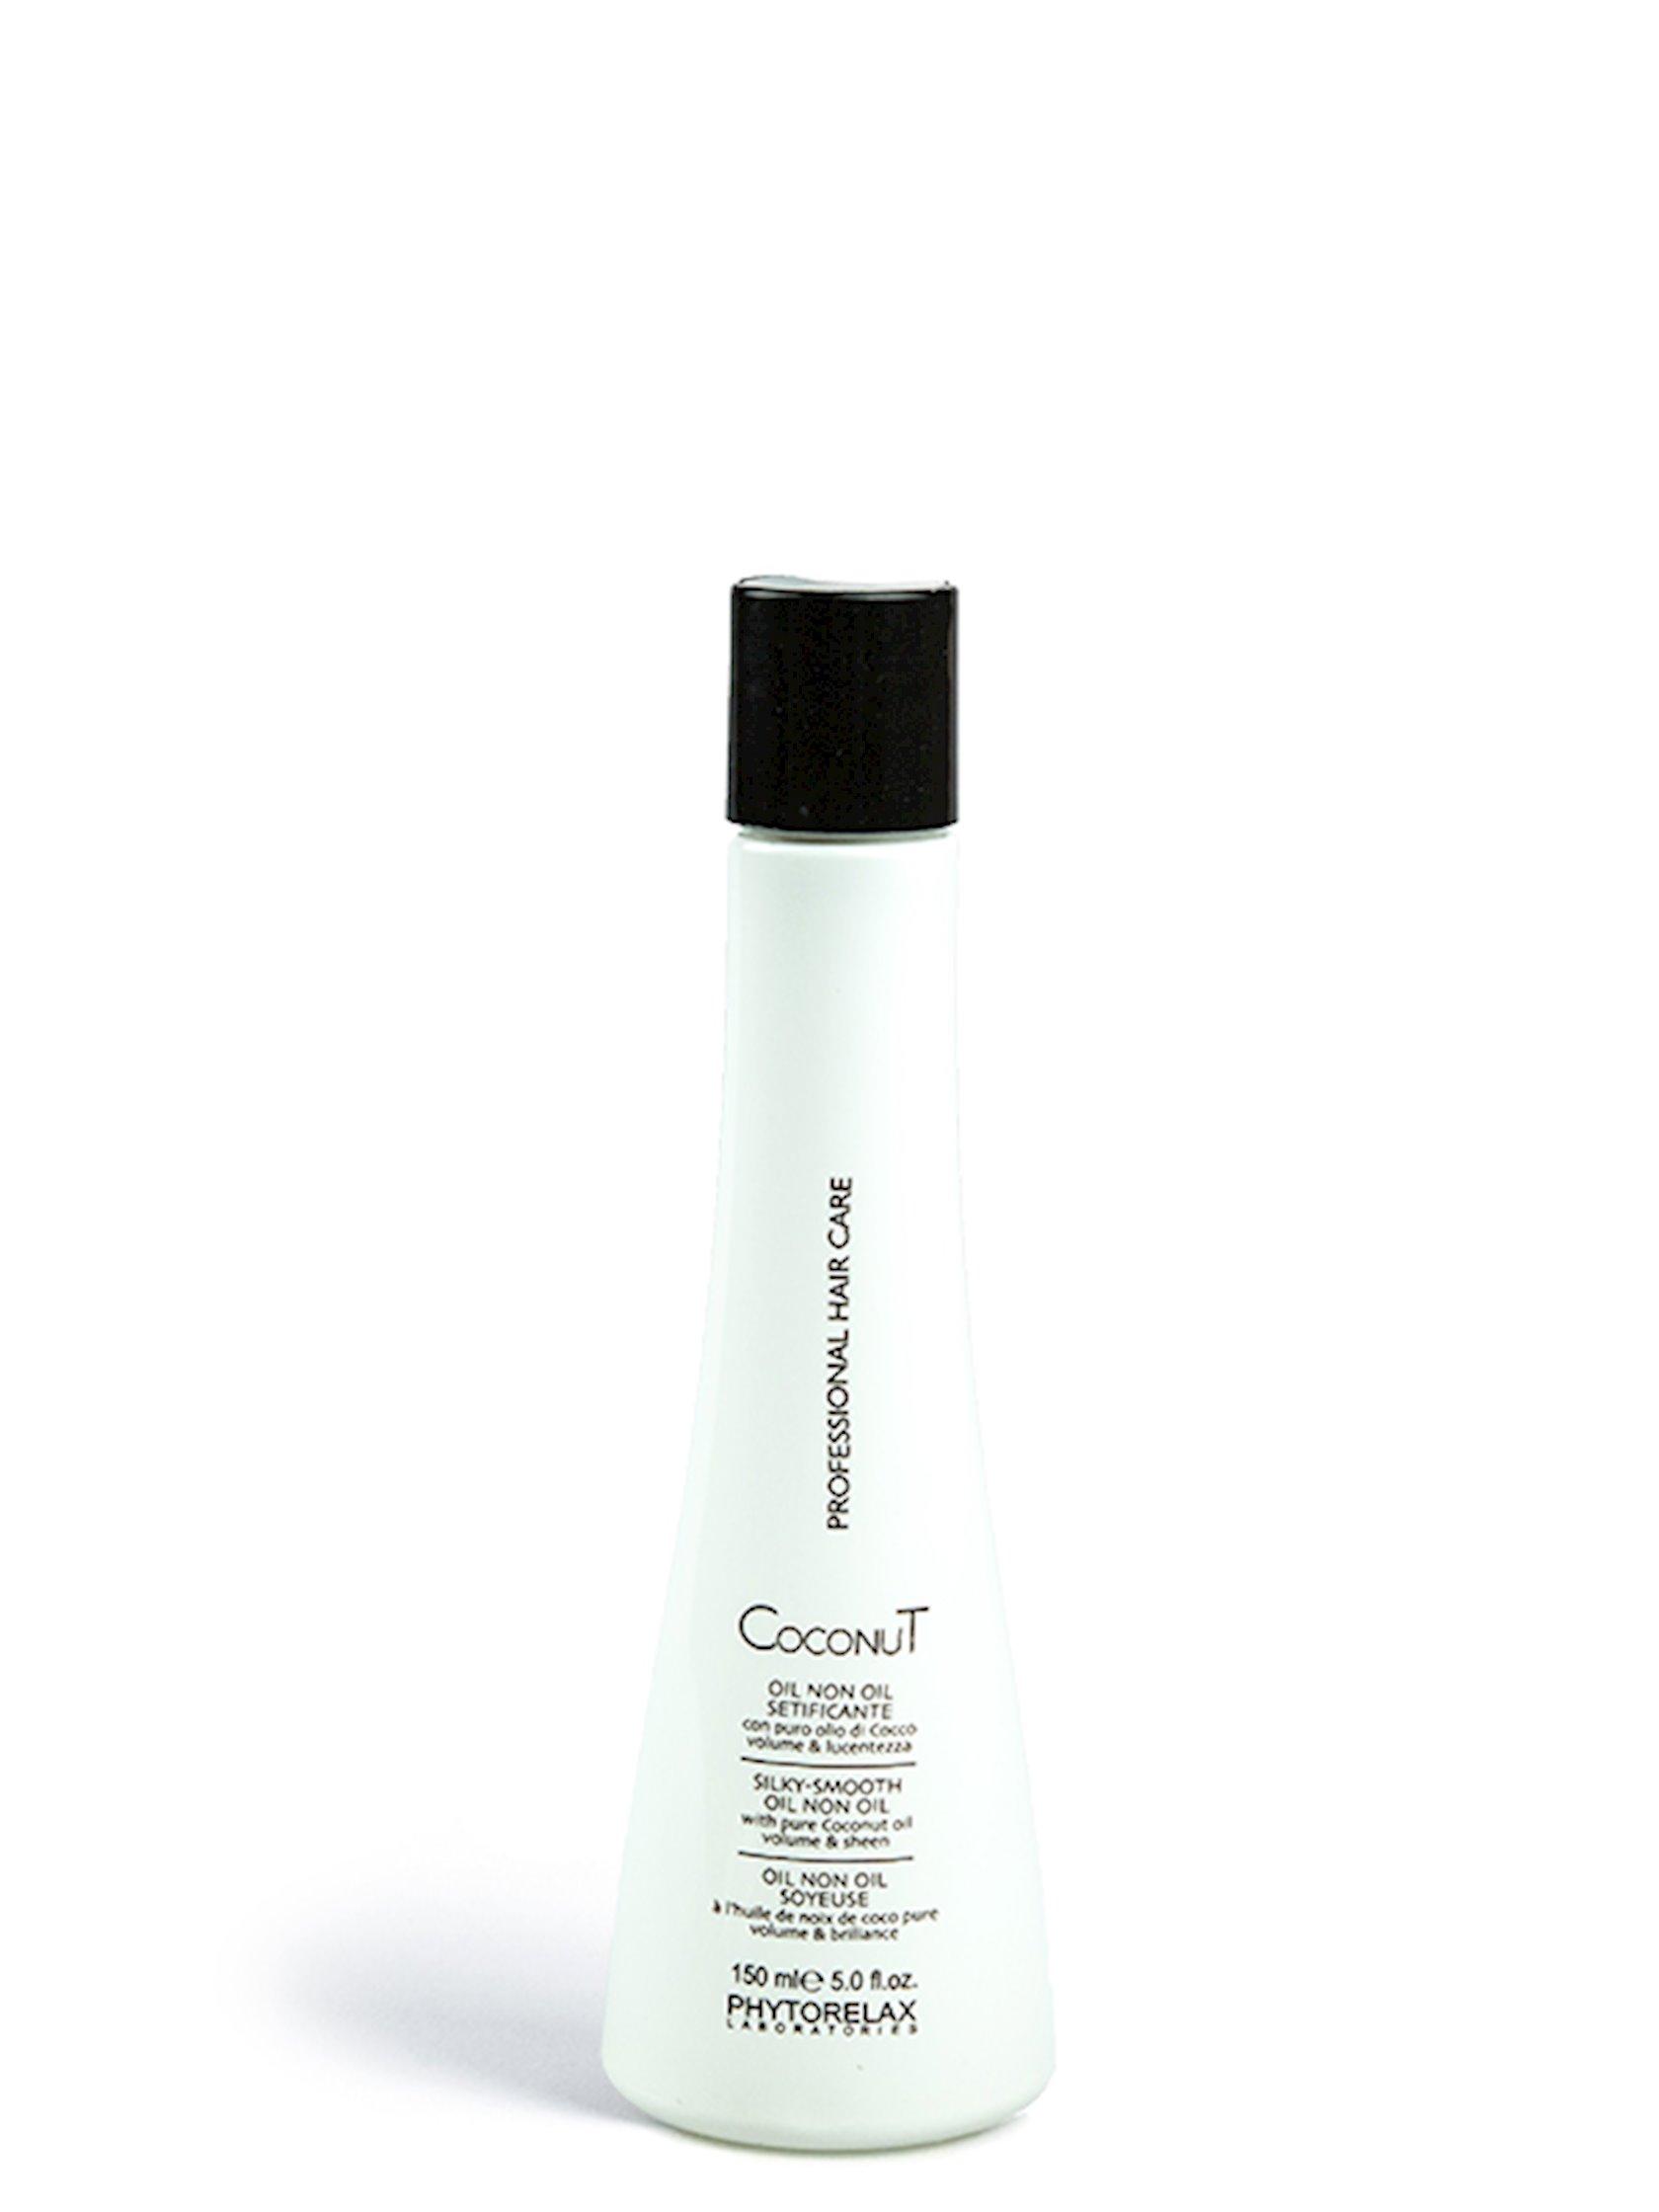 Saç yağı kokos yağı ilə Phytorelax Laboratories Coconut Professional Hair Care Silky-Smooth Oil Non Oil